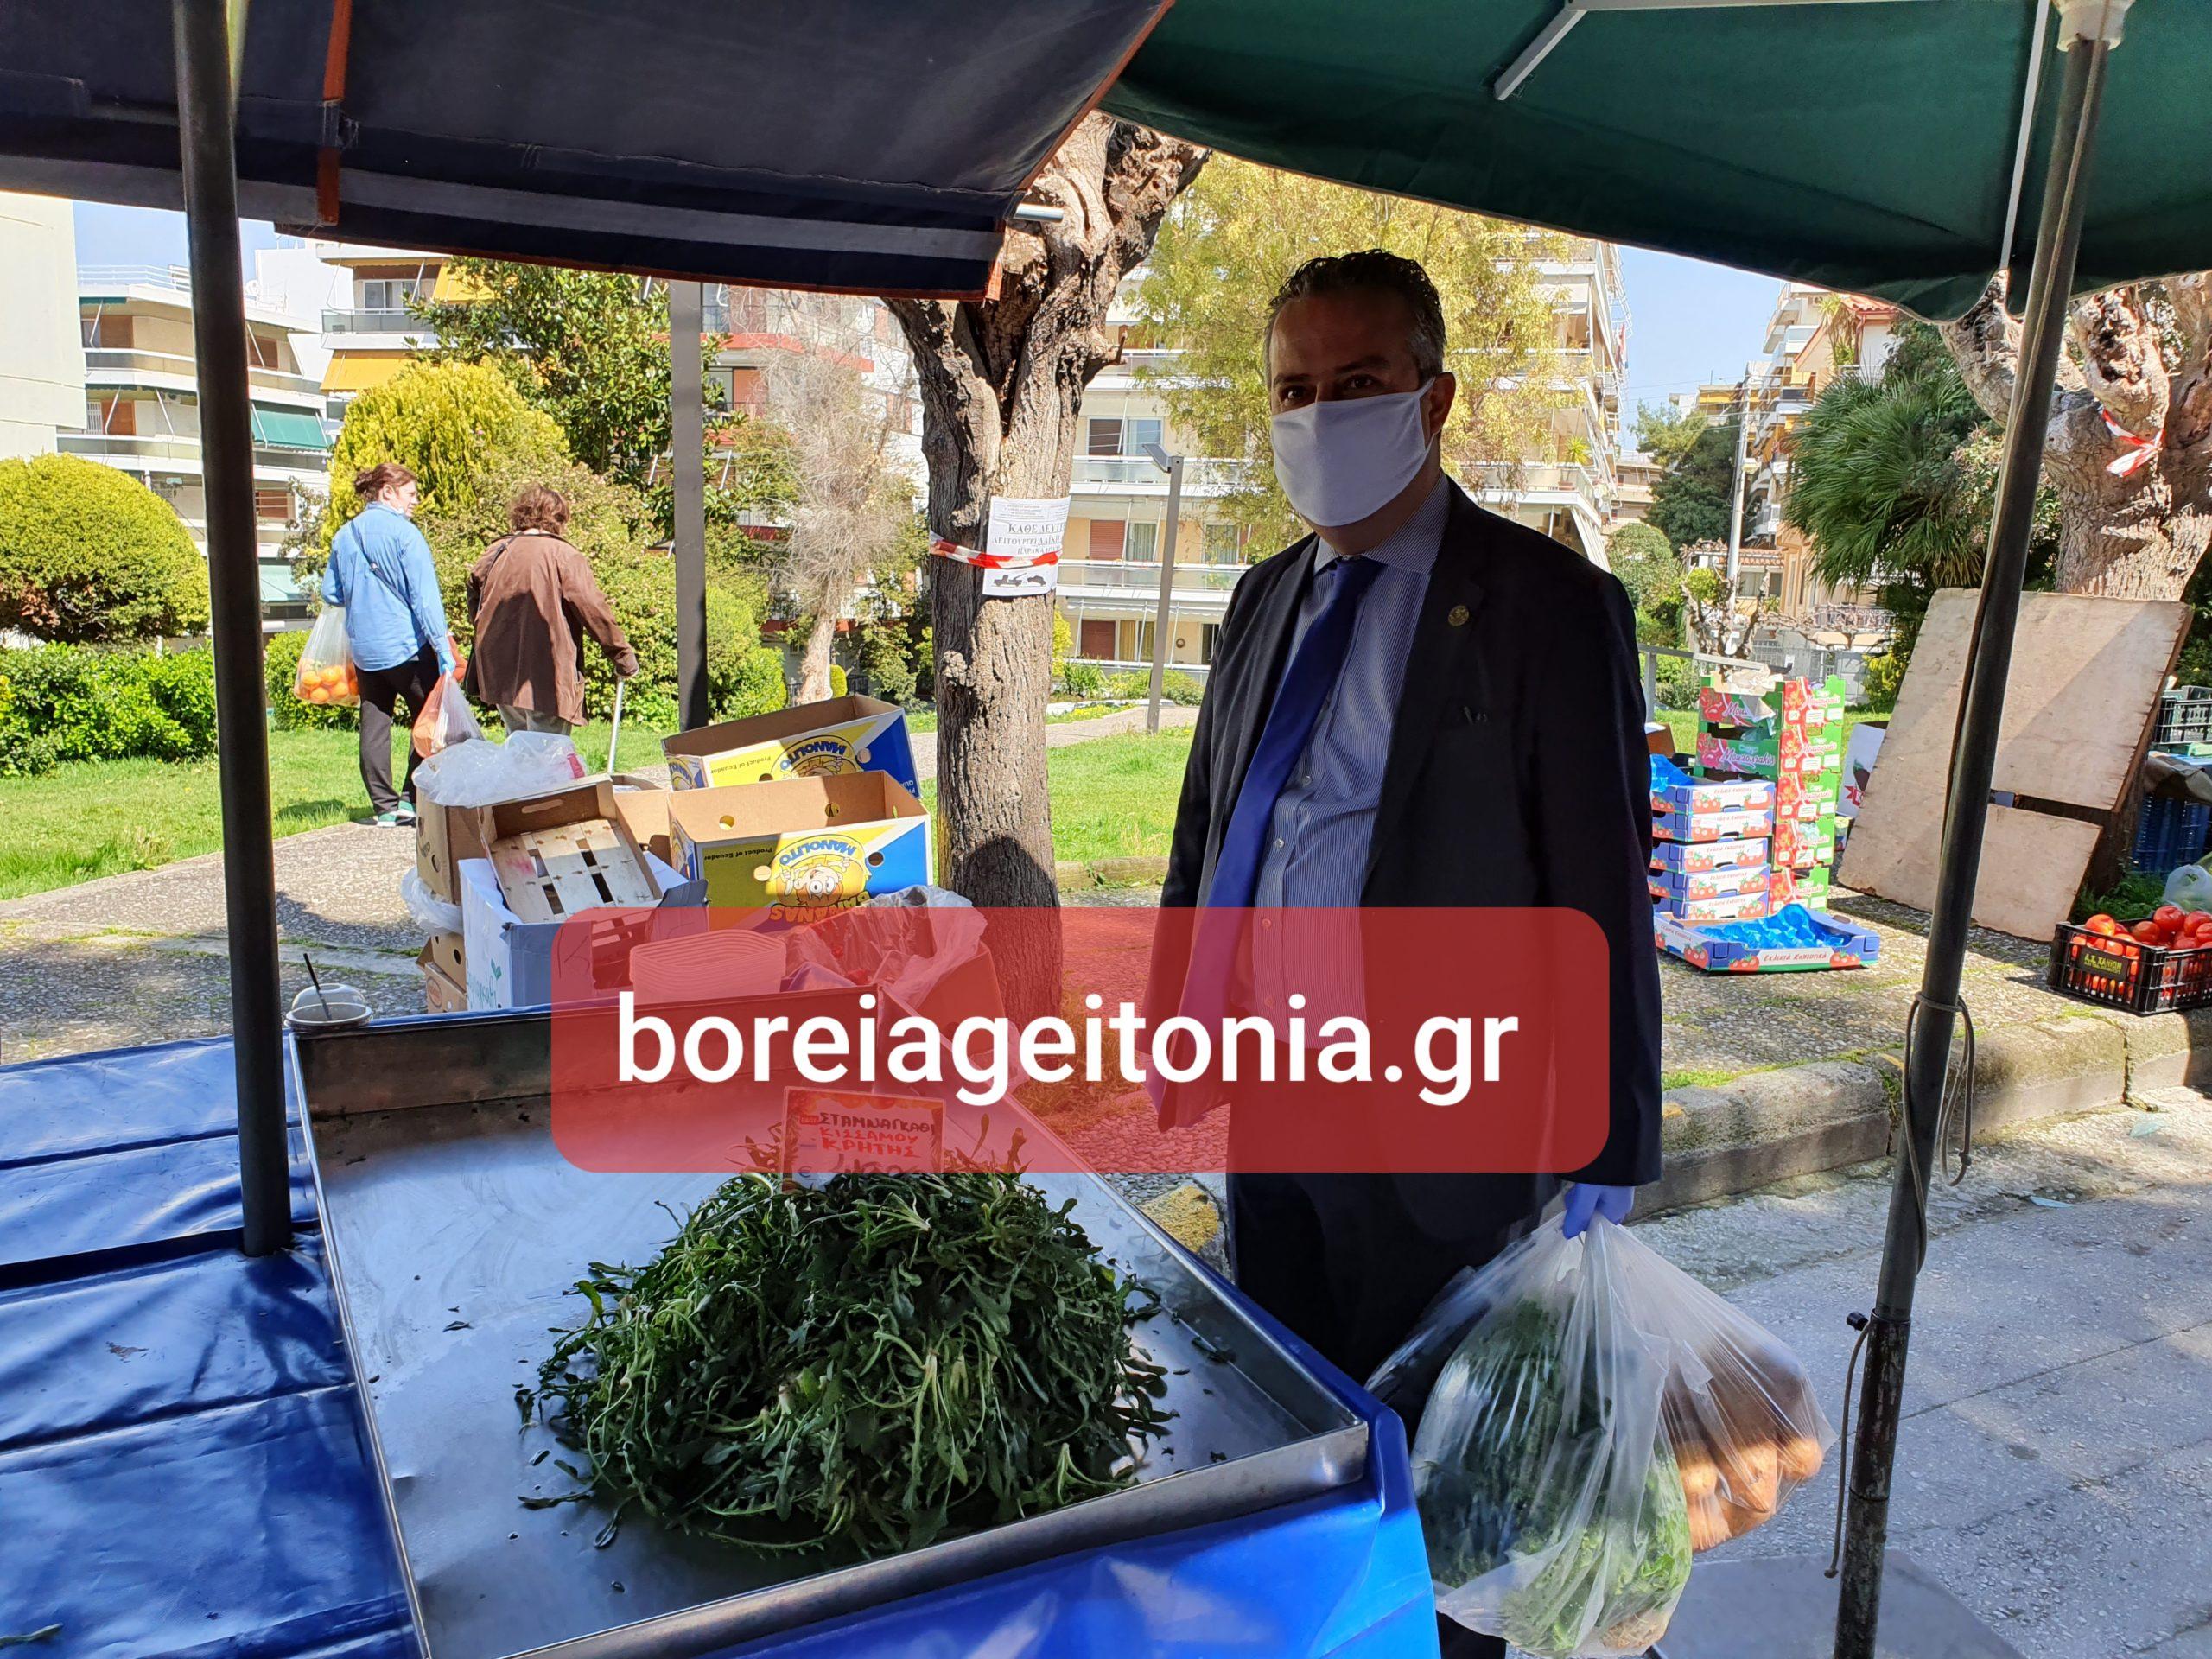 Ηλίας Αποστολόπουλος: Δείτε τις δηλώσεις του στην λαϊκή αγορά του Χολαργού